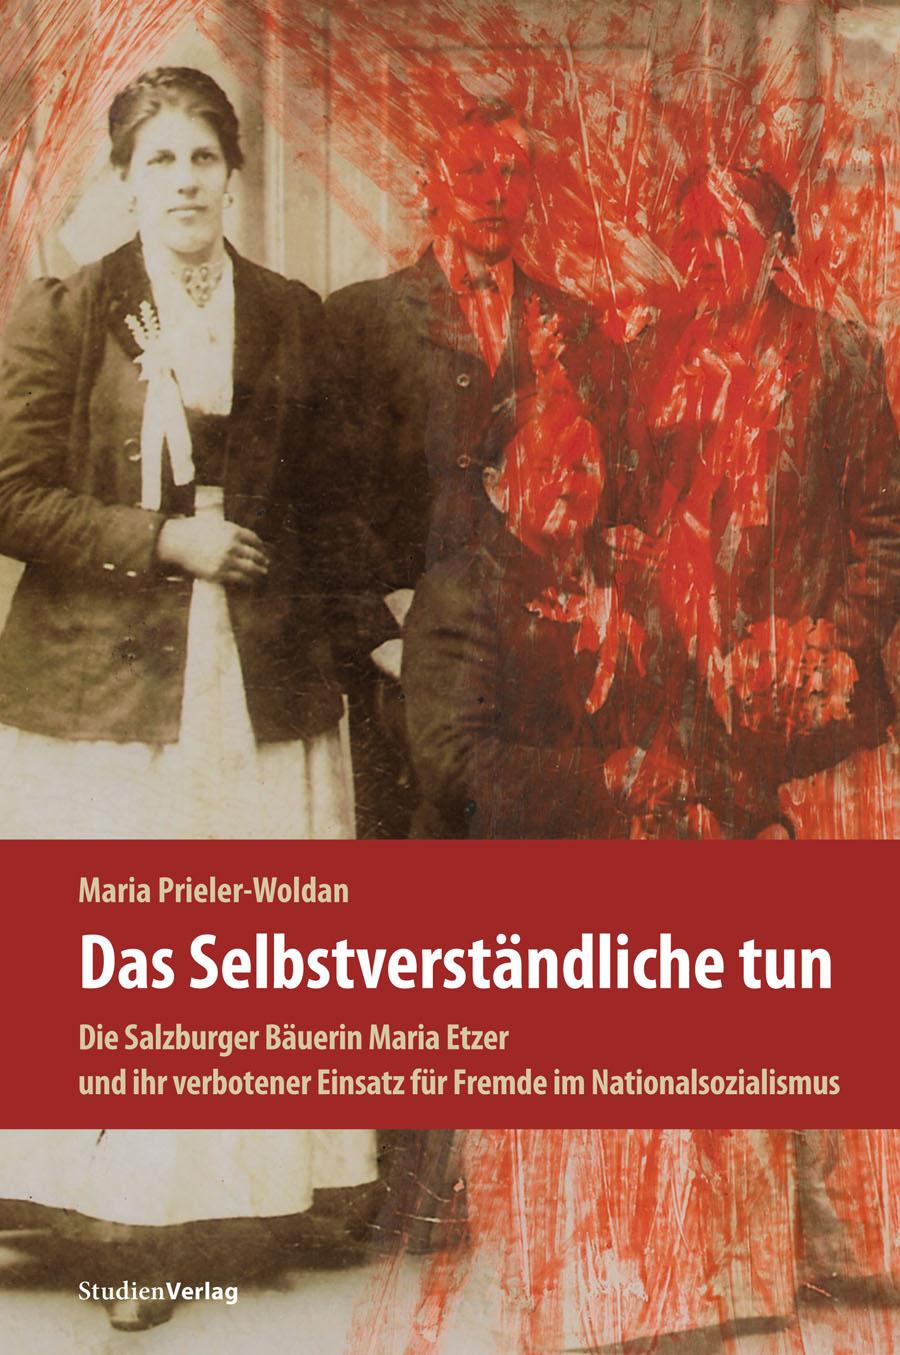 Buch Das Selbstver. tun_ 1